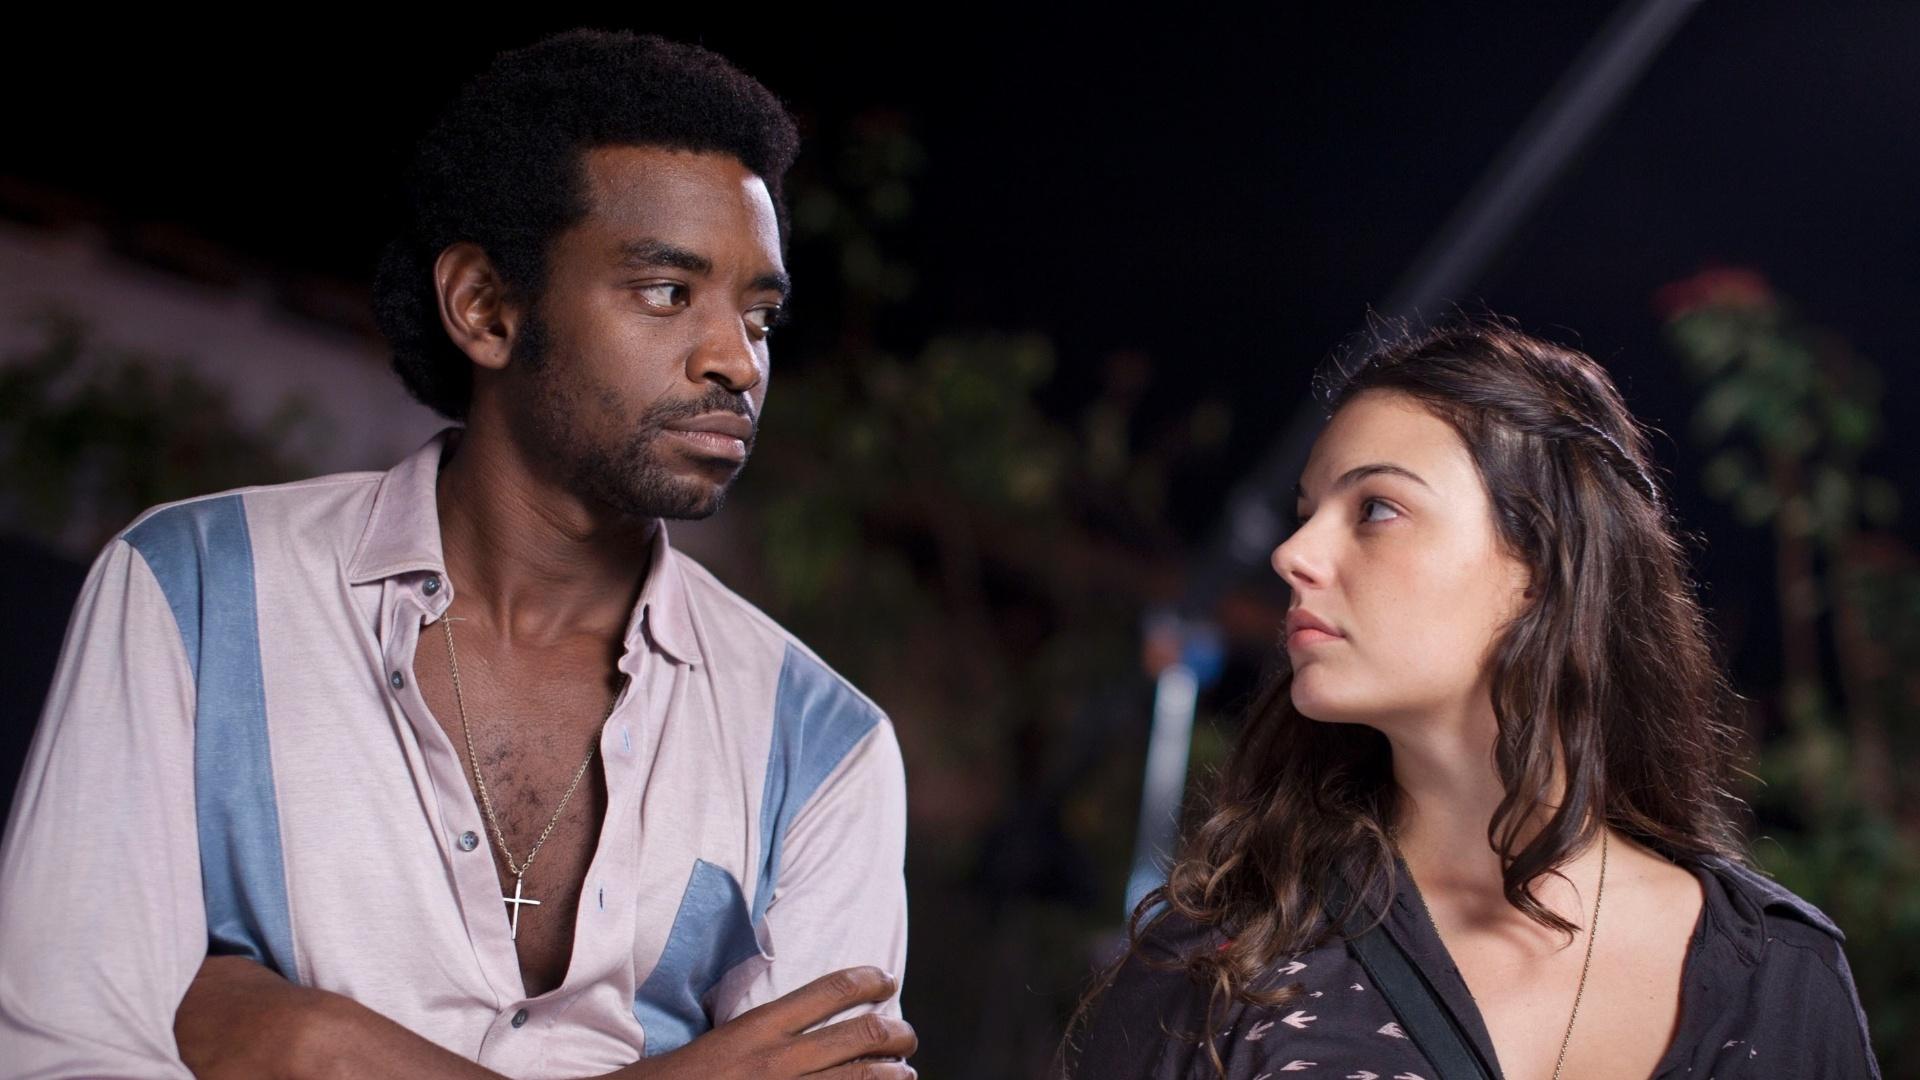 João conhece a bela Maria Lúcia (Isis Valverde). Os dois se apaixonam mas João mergulha cada vez mais no crime